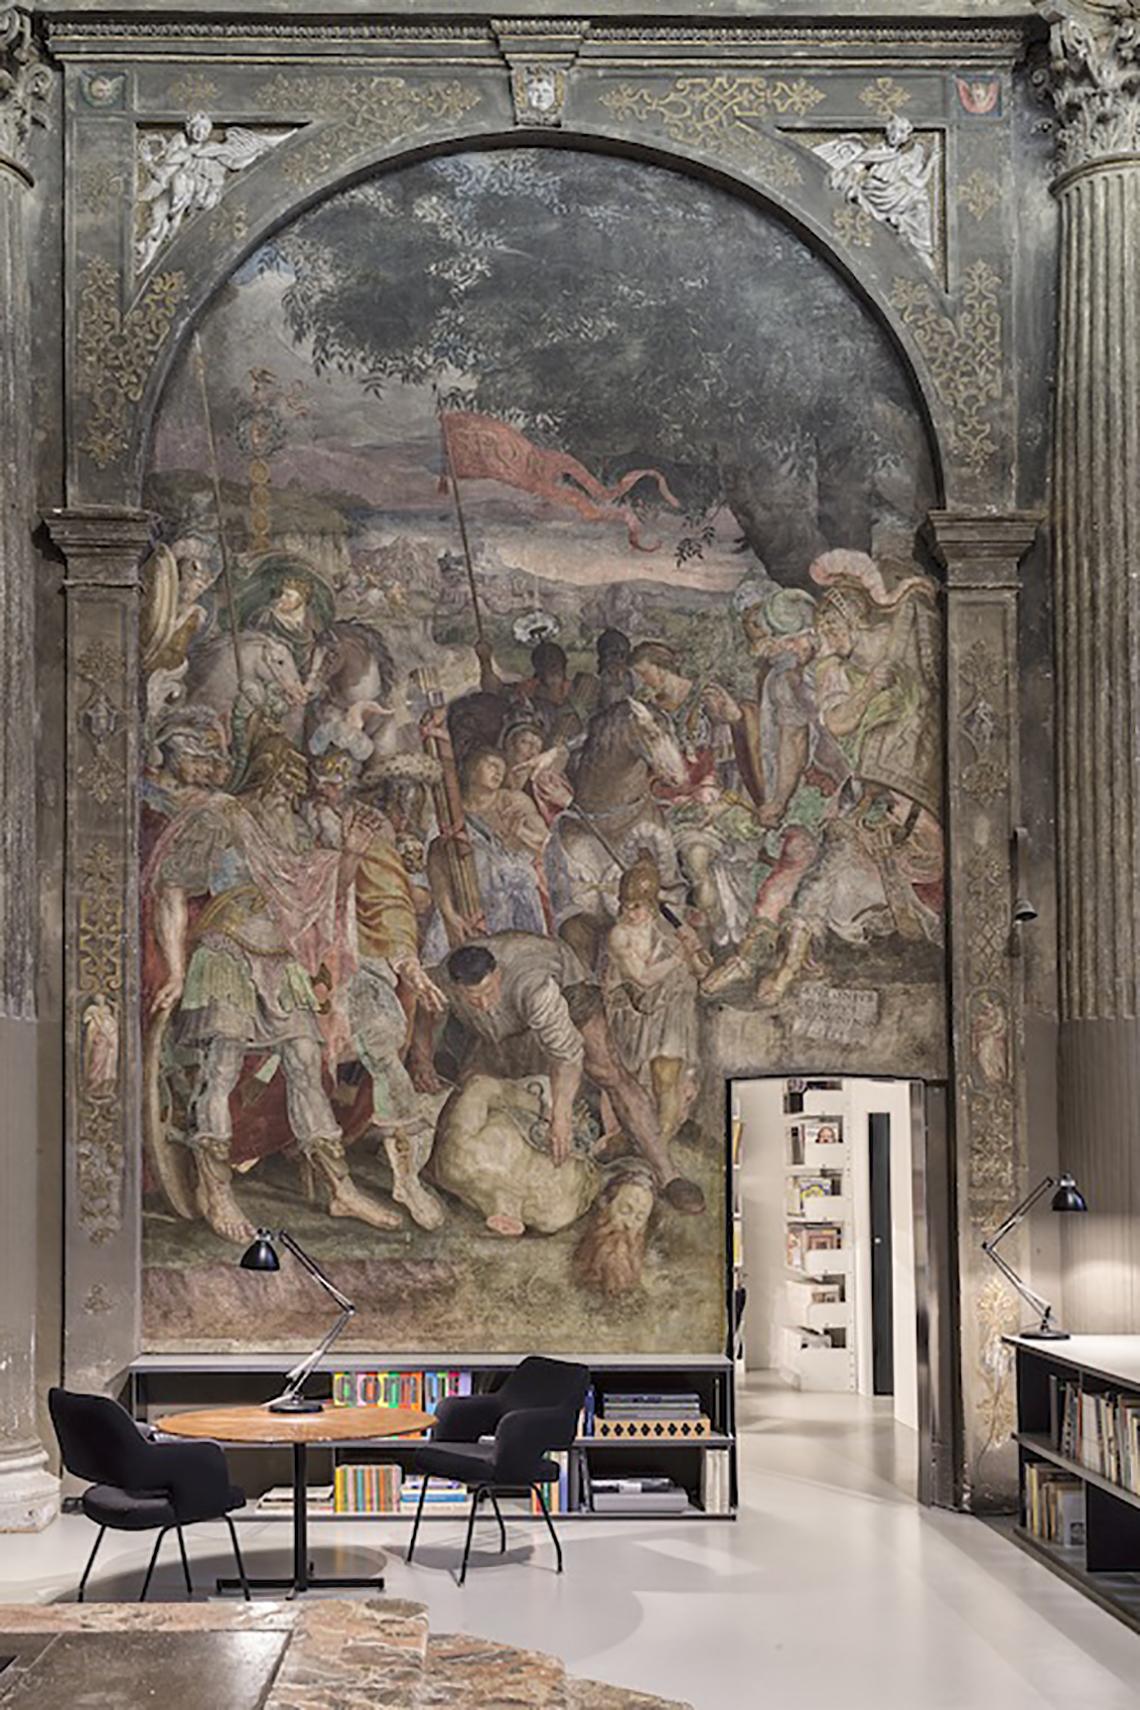 Iglesia San Paolo Converso, la nueva sede del estudio de arquitectos CLS Architetti, en Milán. Foto: CLS Architetti